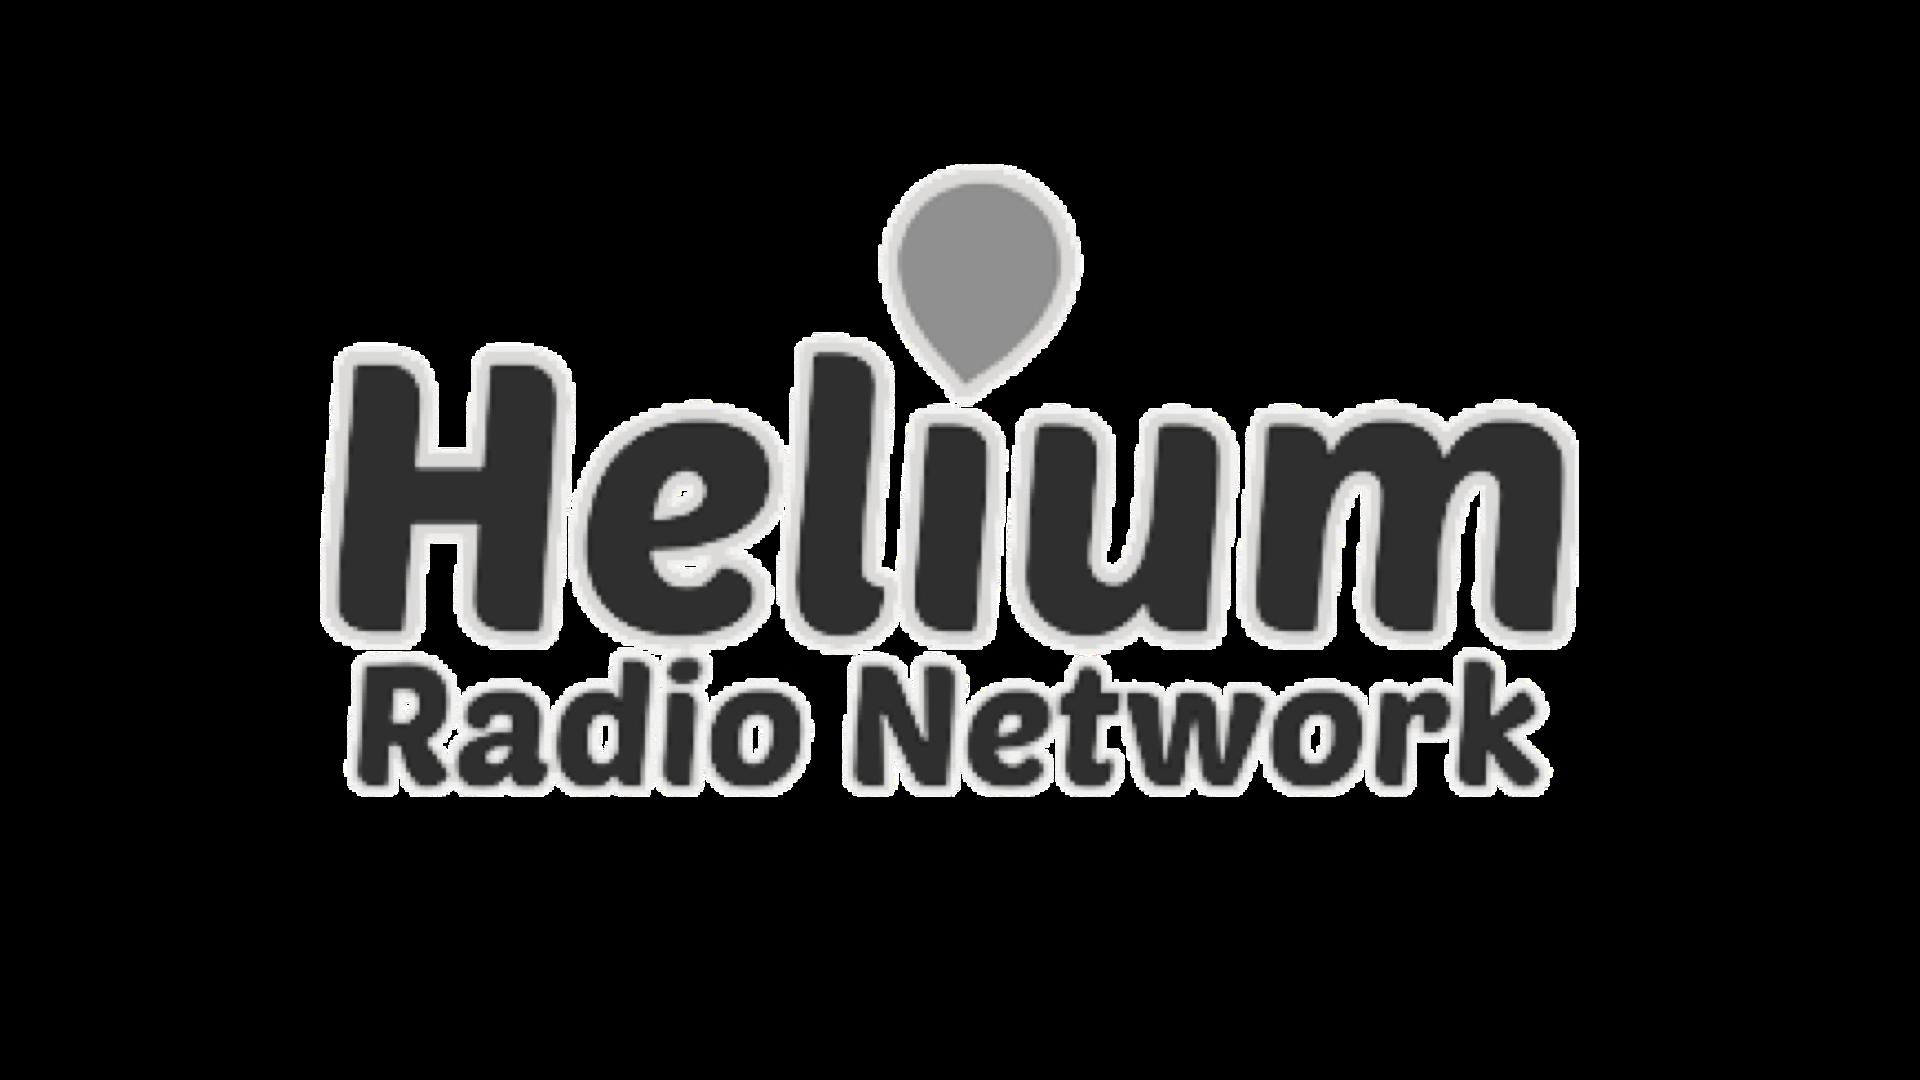 Helium Radio Network